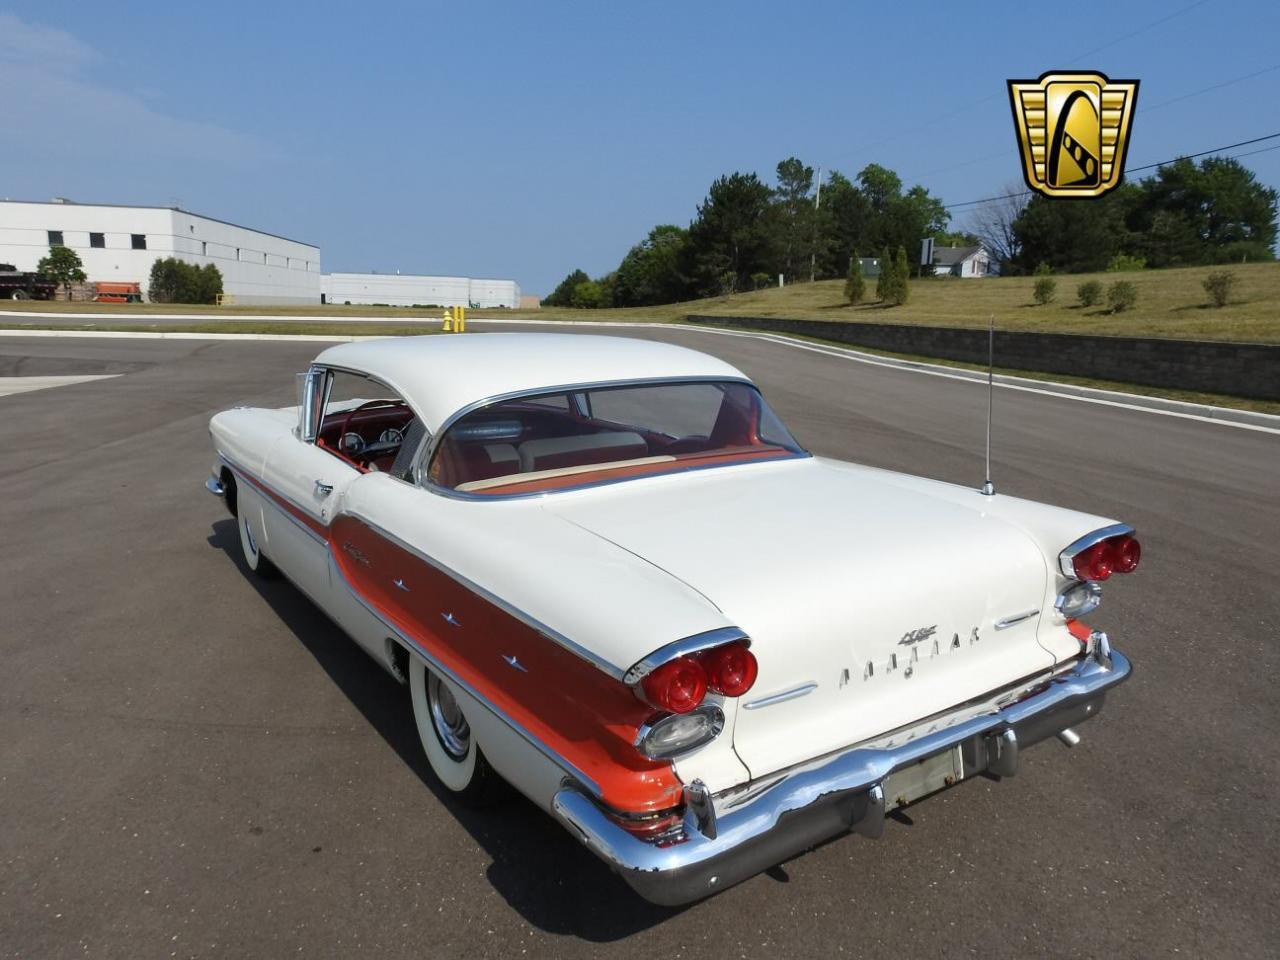 Pics photos 1958 pontiac for sale - 1958 Pontiac Chieftain